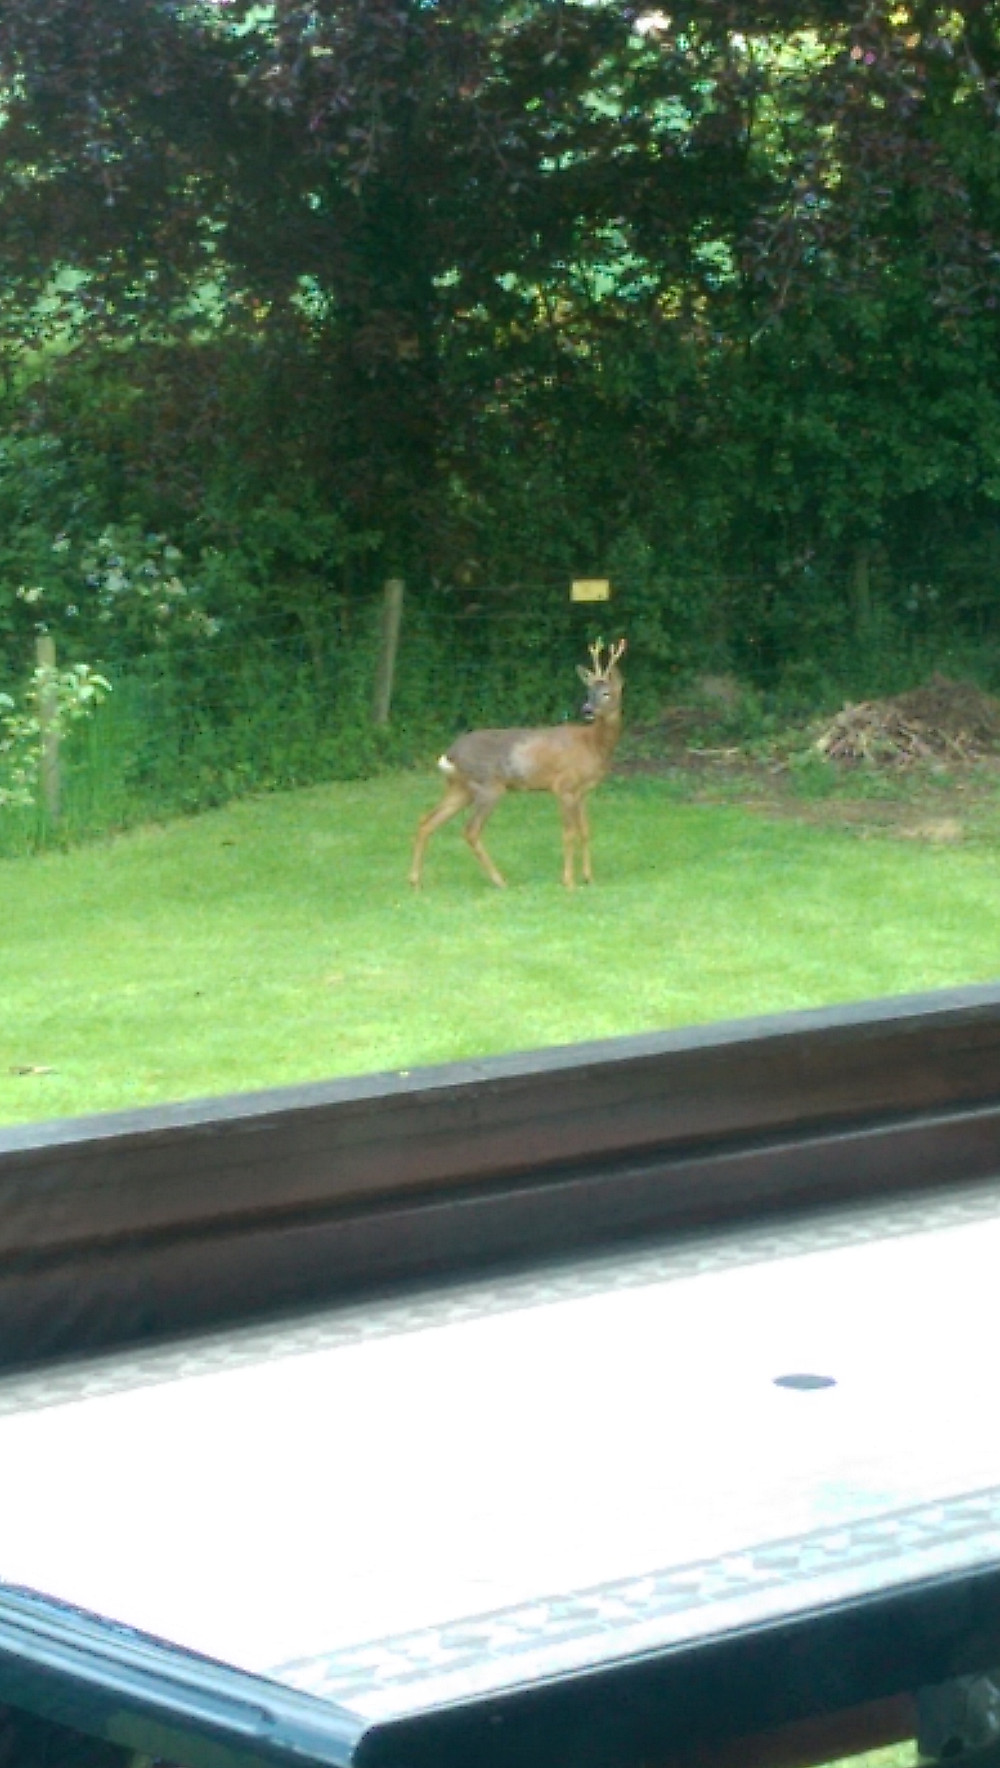 log cabin visited by a deer